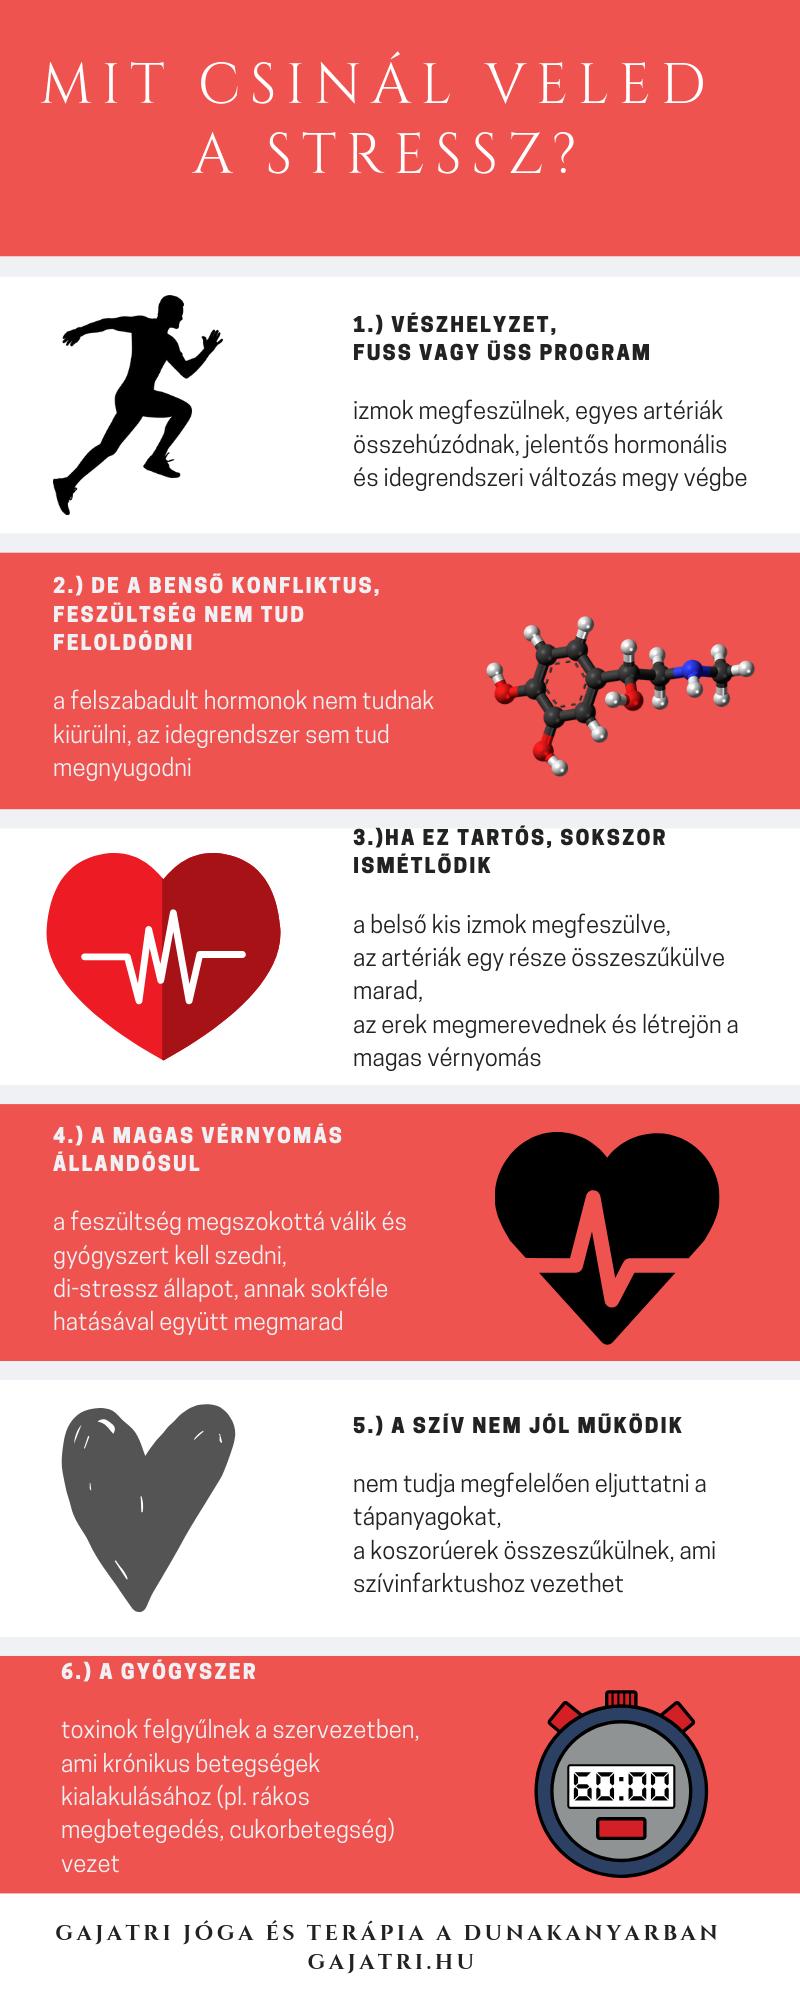 magas vérnyomás kezelés a tenger mellett